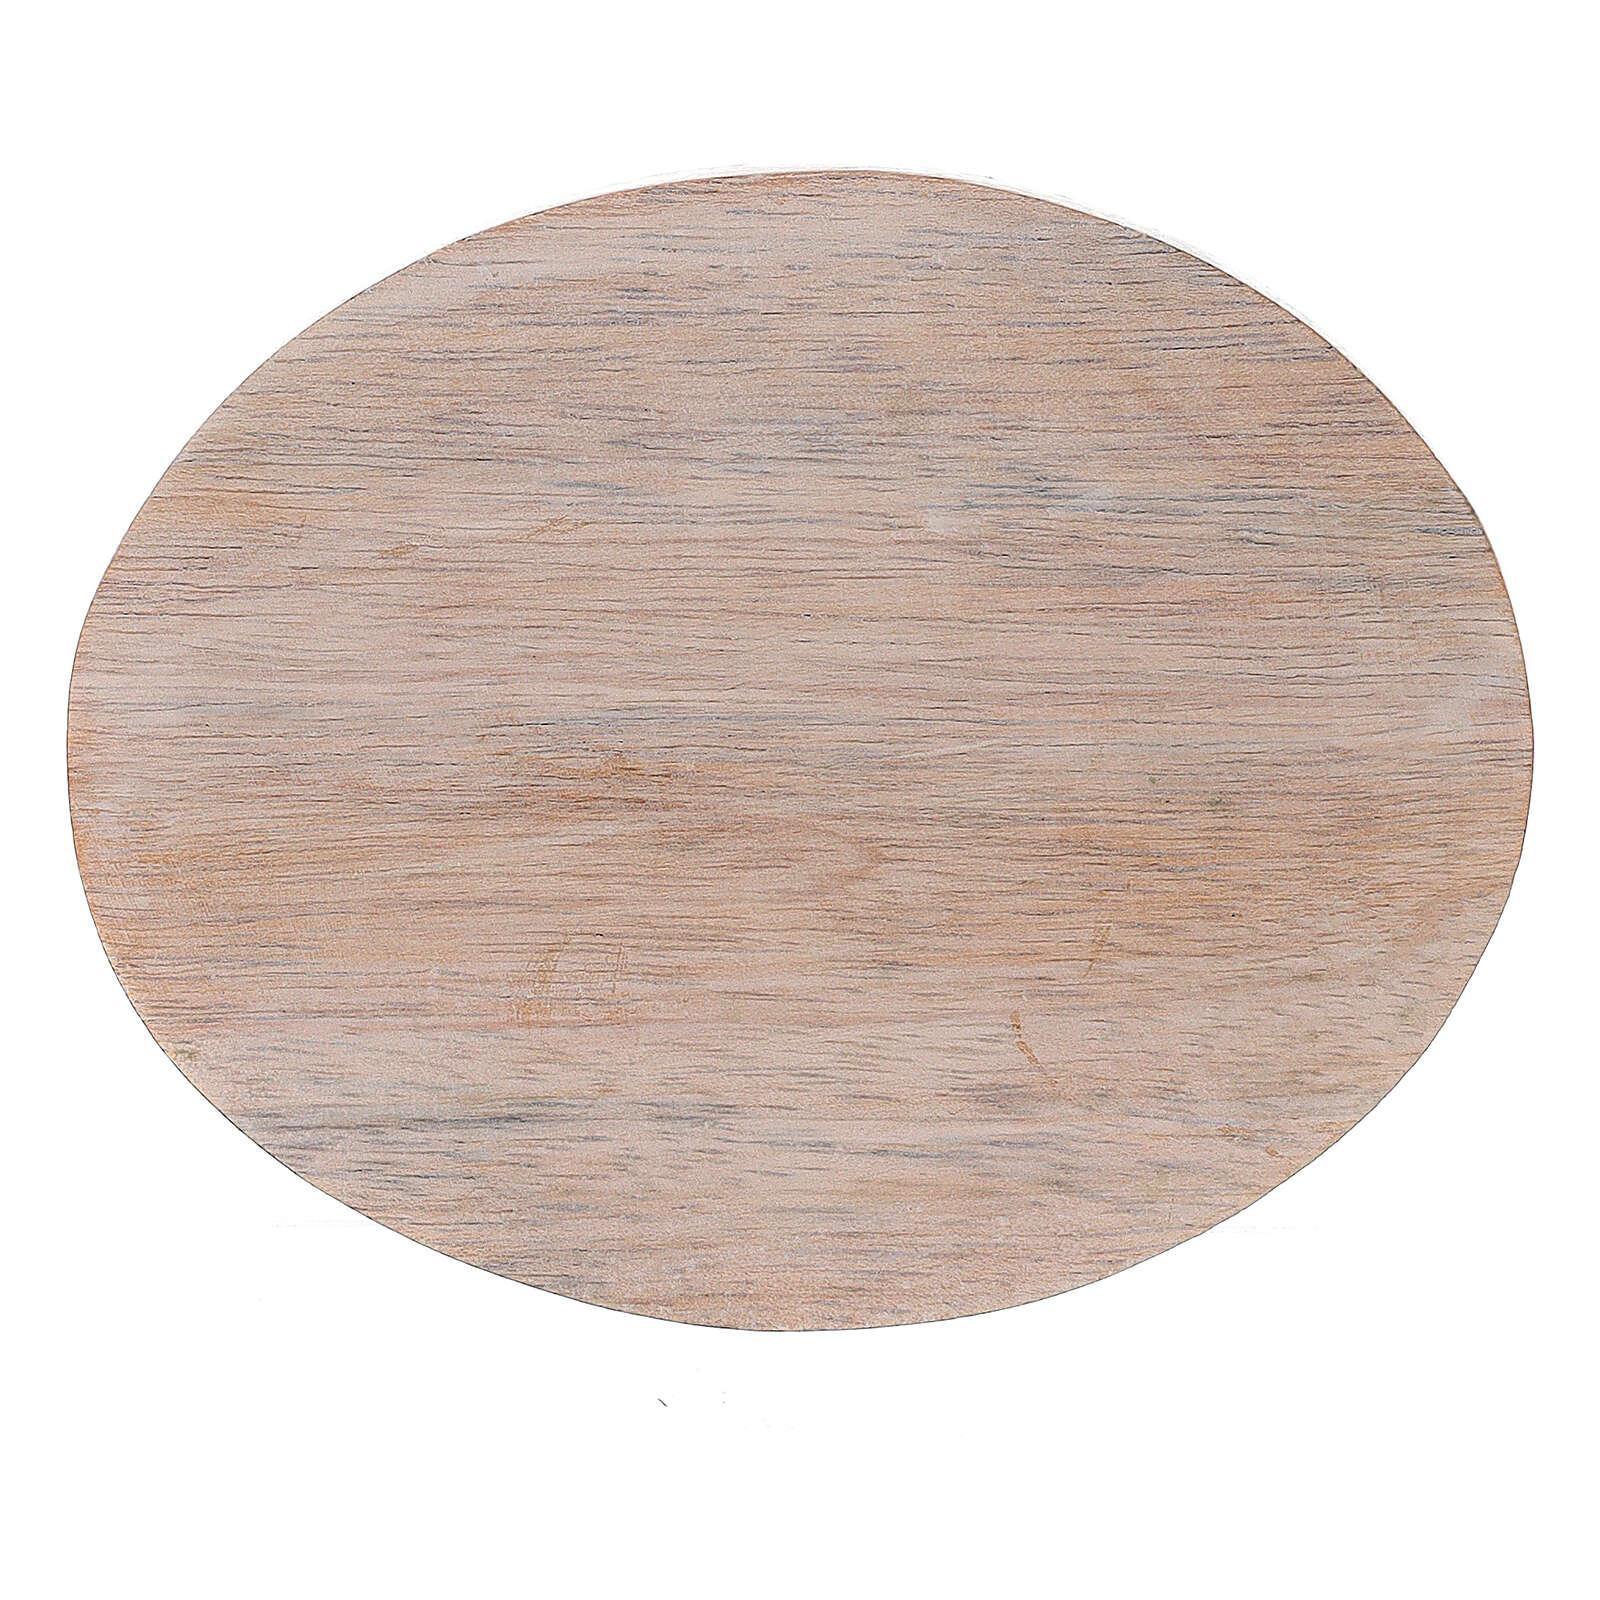 Prato porta-vela madeira de mangueira clara 10x8 cm 3